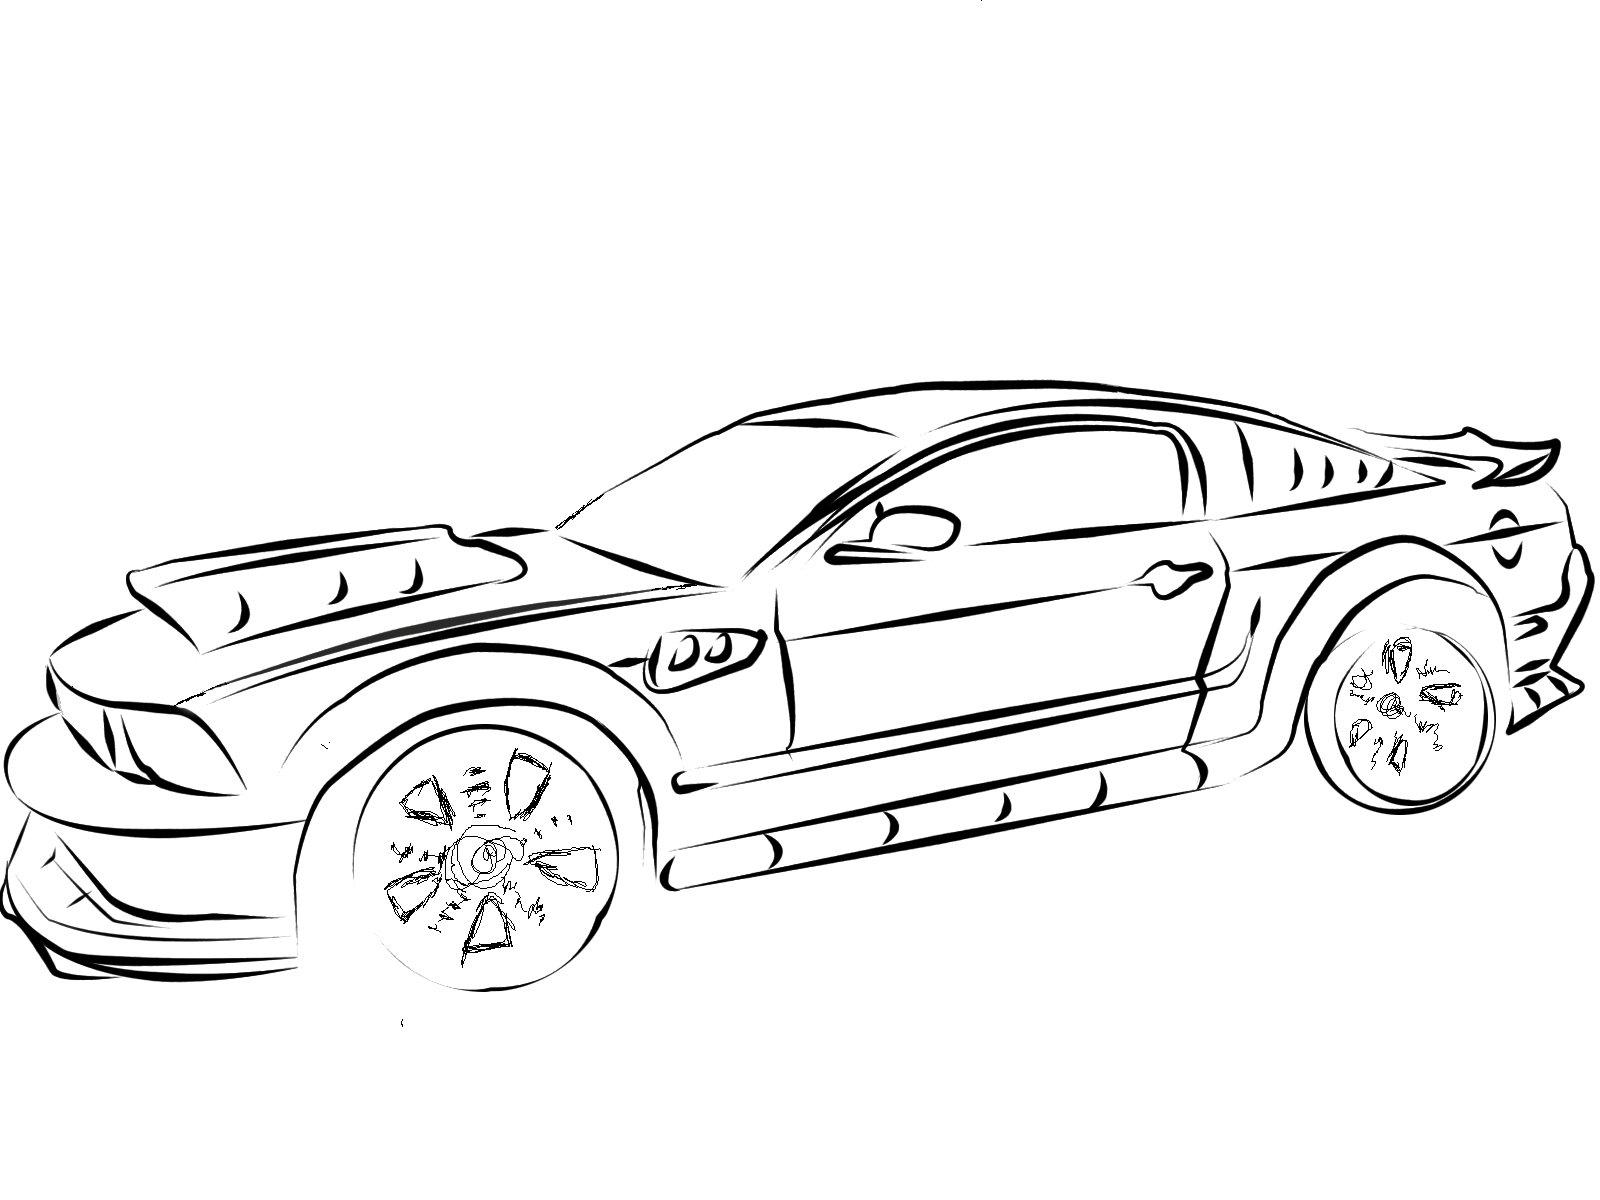 67 Mustang Drawing At Getdrawings